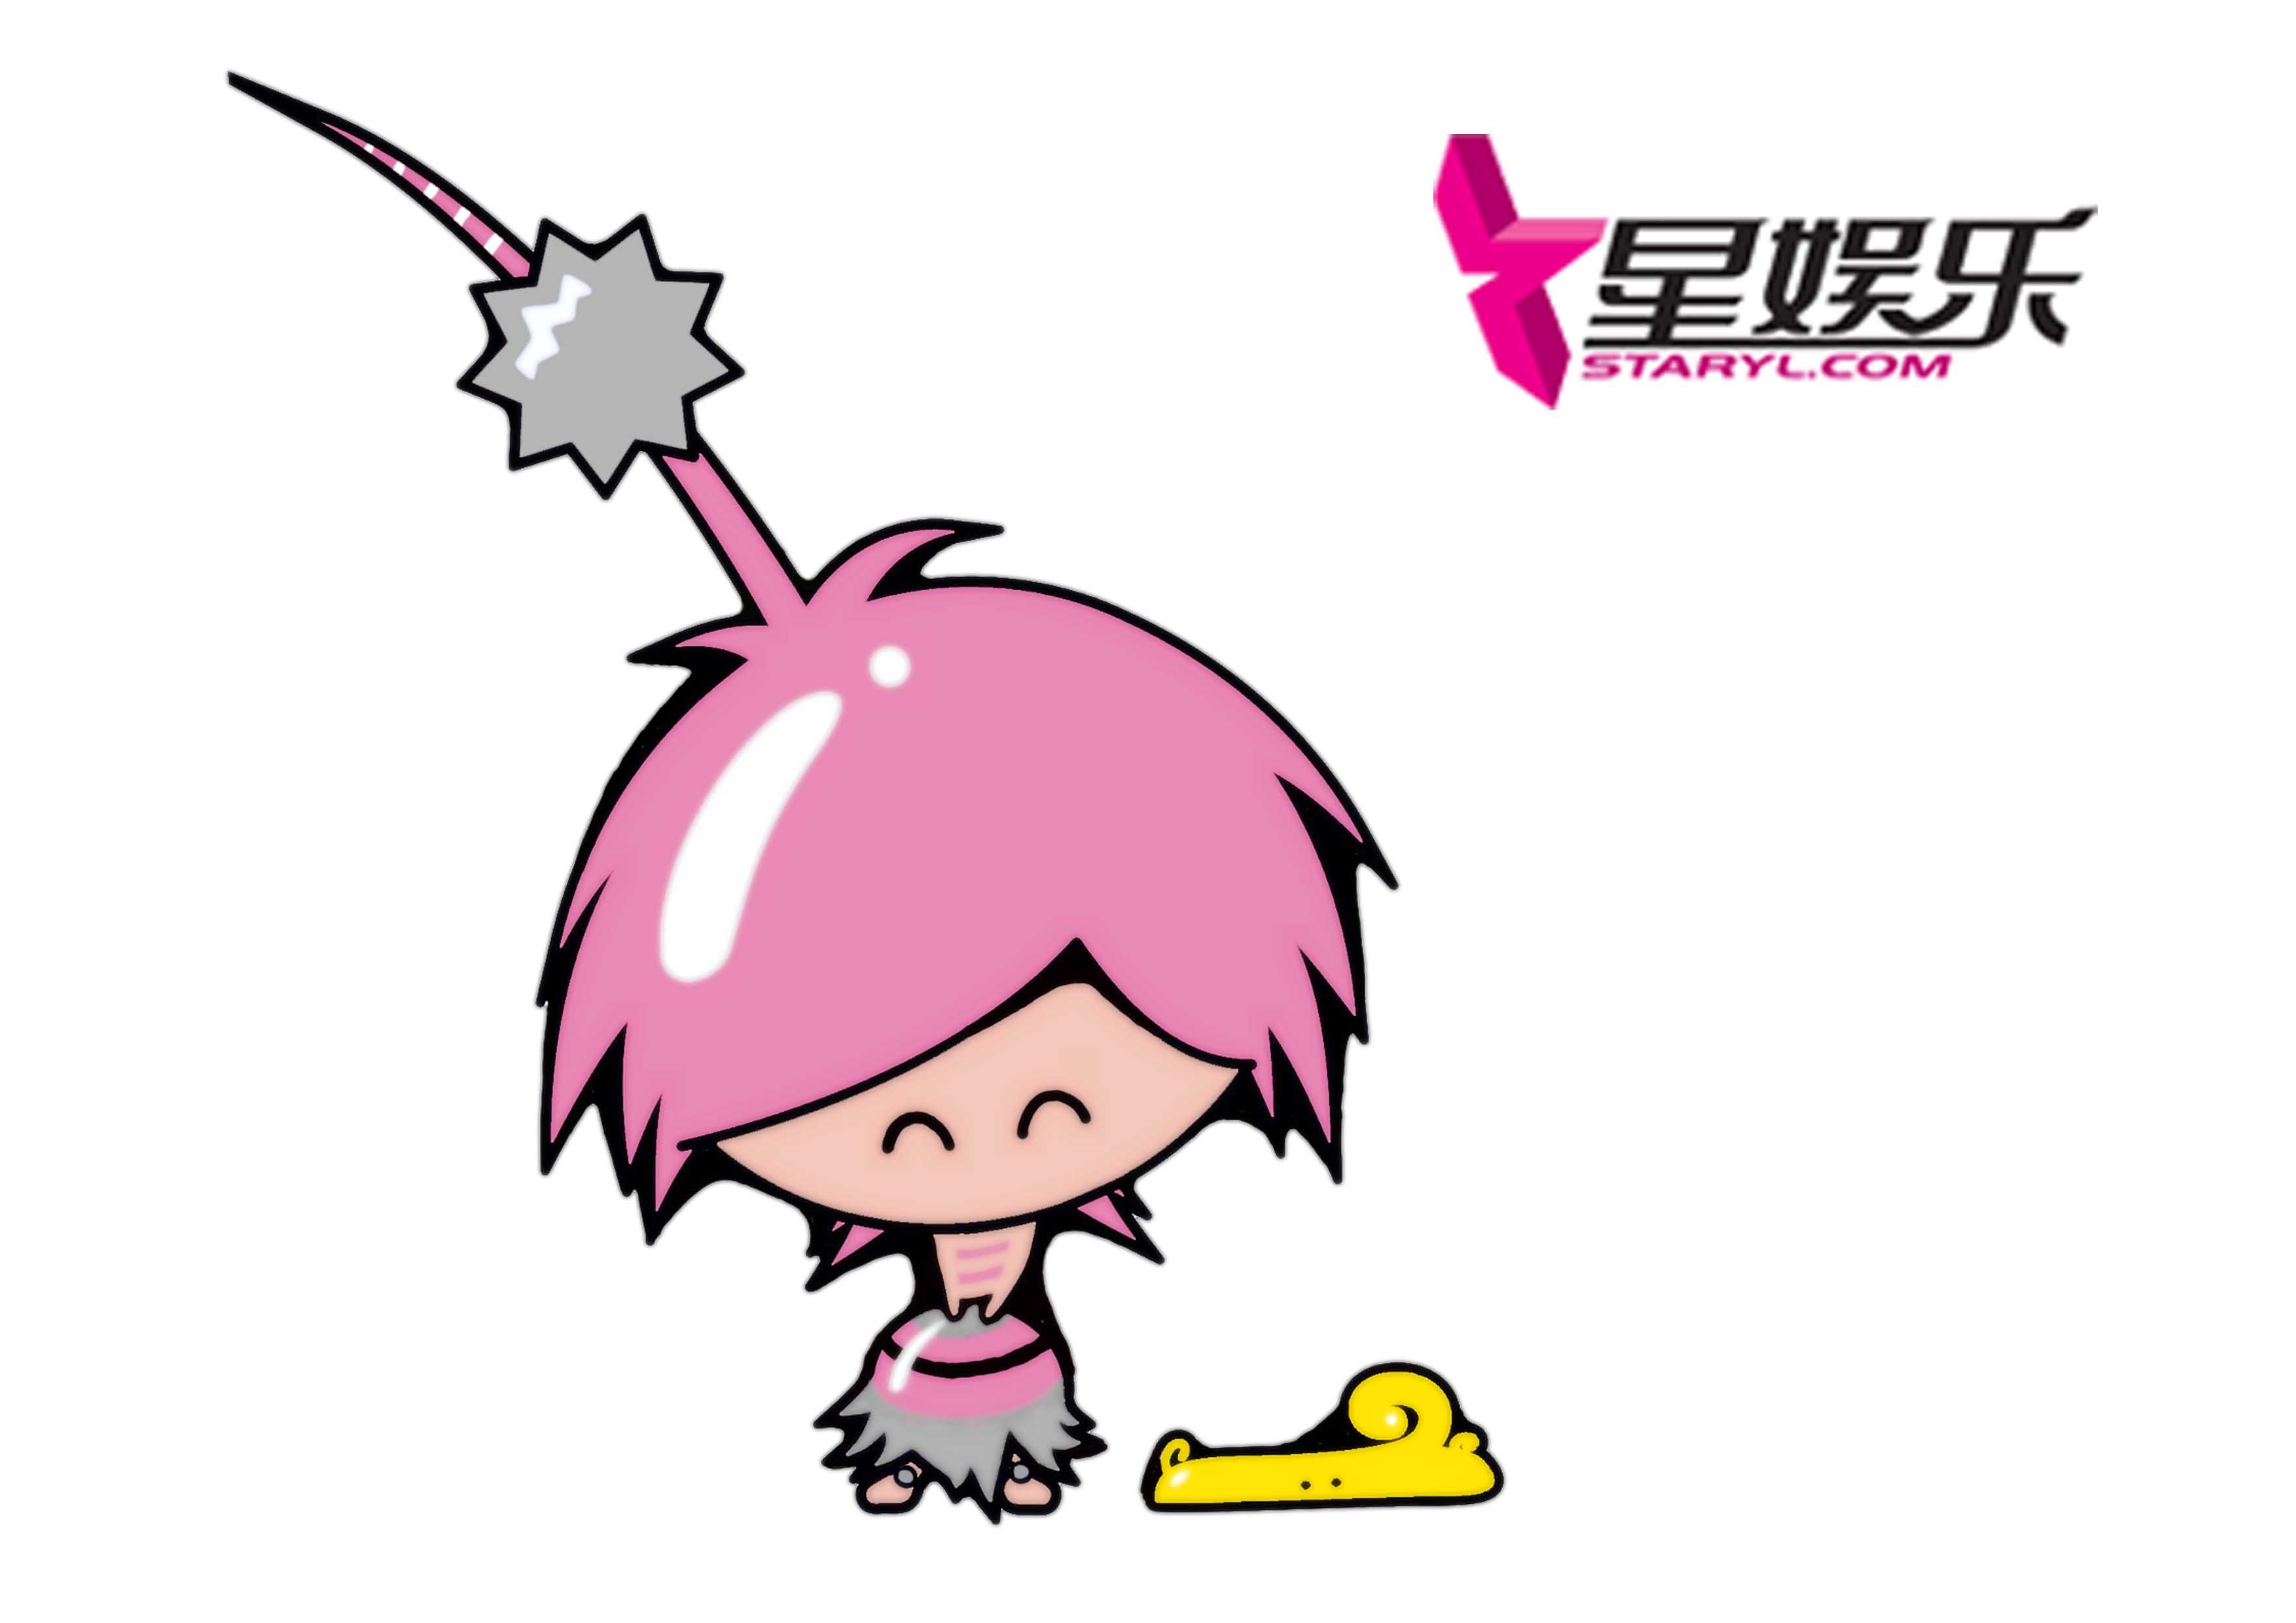 现金星娱乐网站卡通形象设计